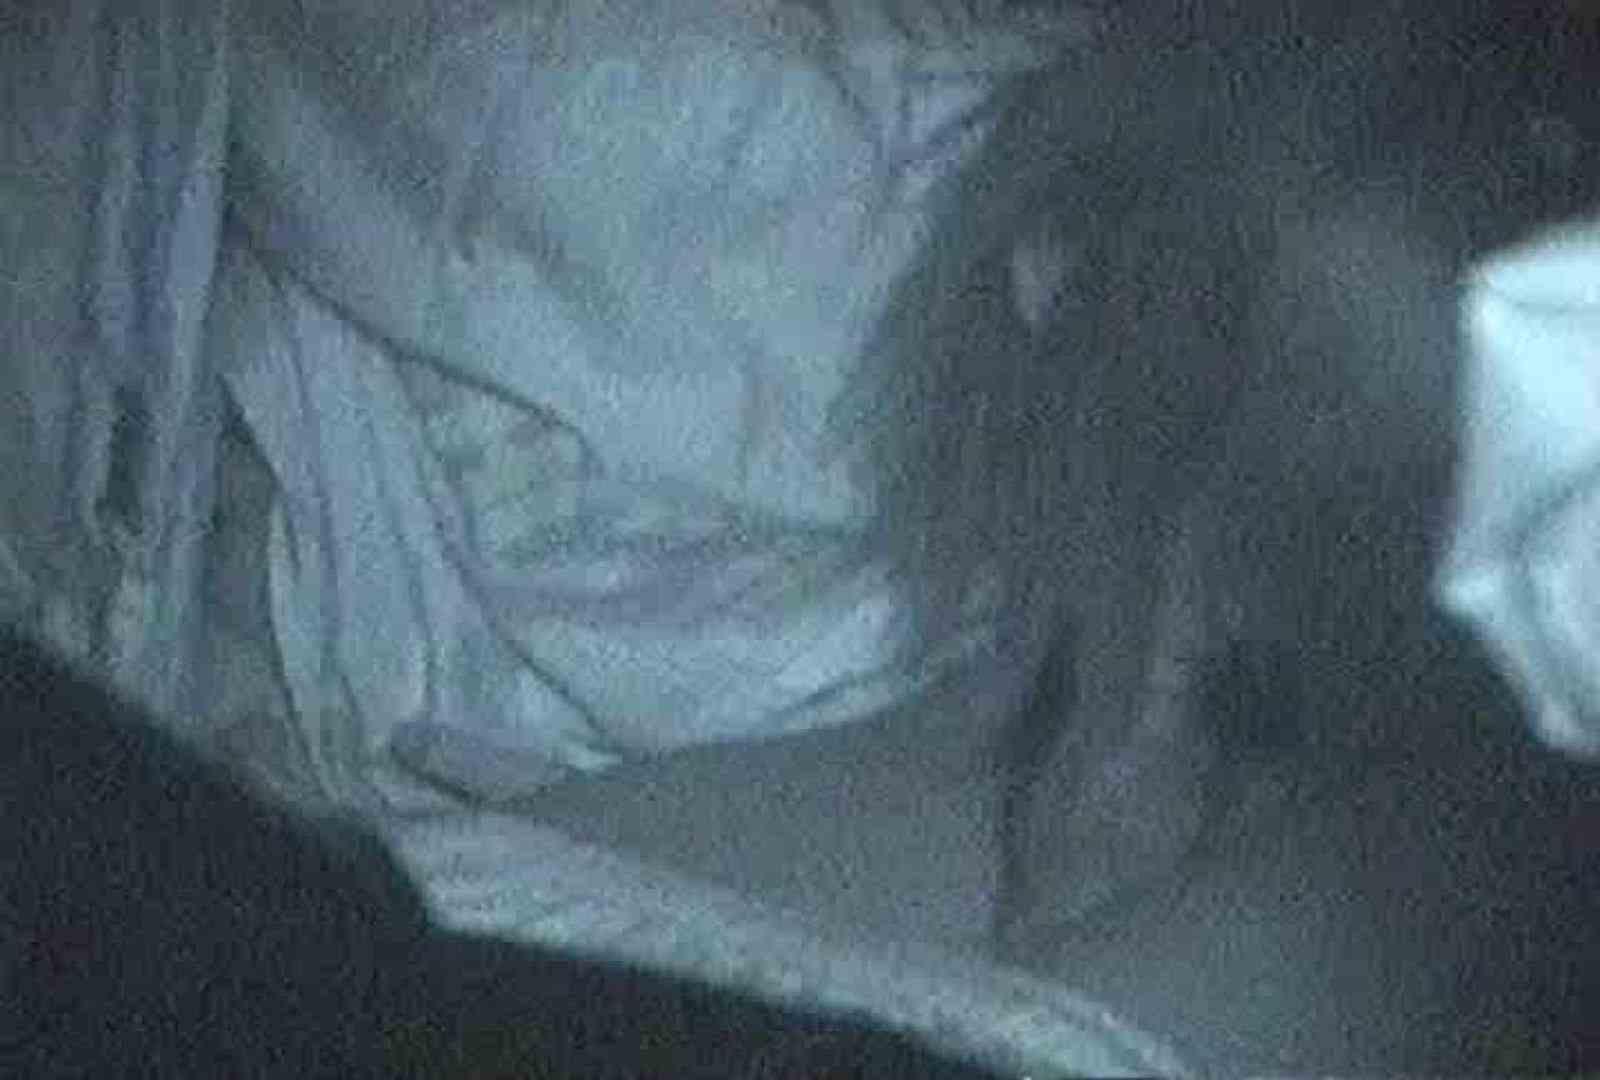 充血監督の深夜の運動会Vol.71 カップル SEX無修正画像 106pic 60